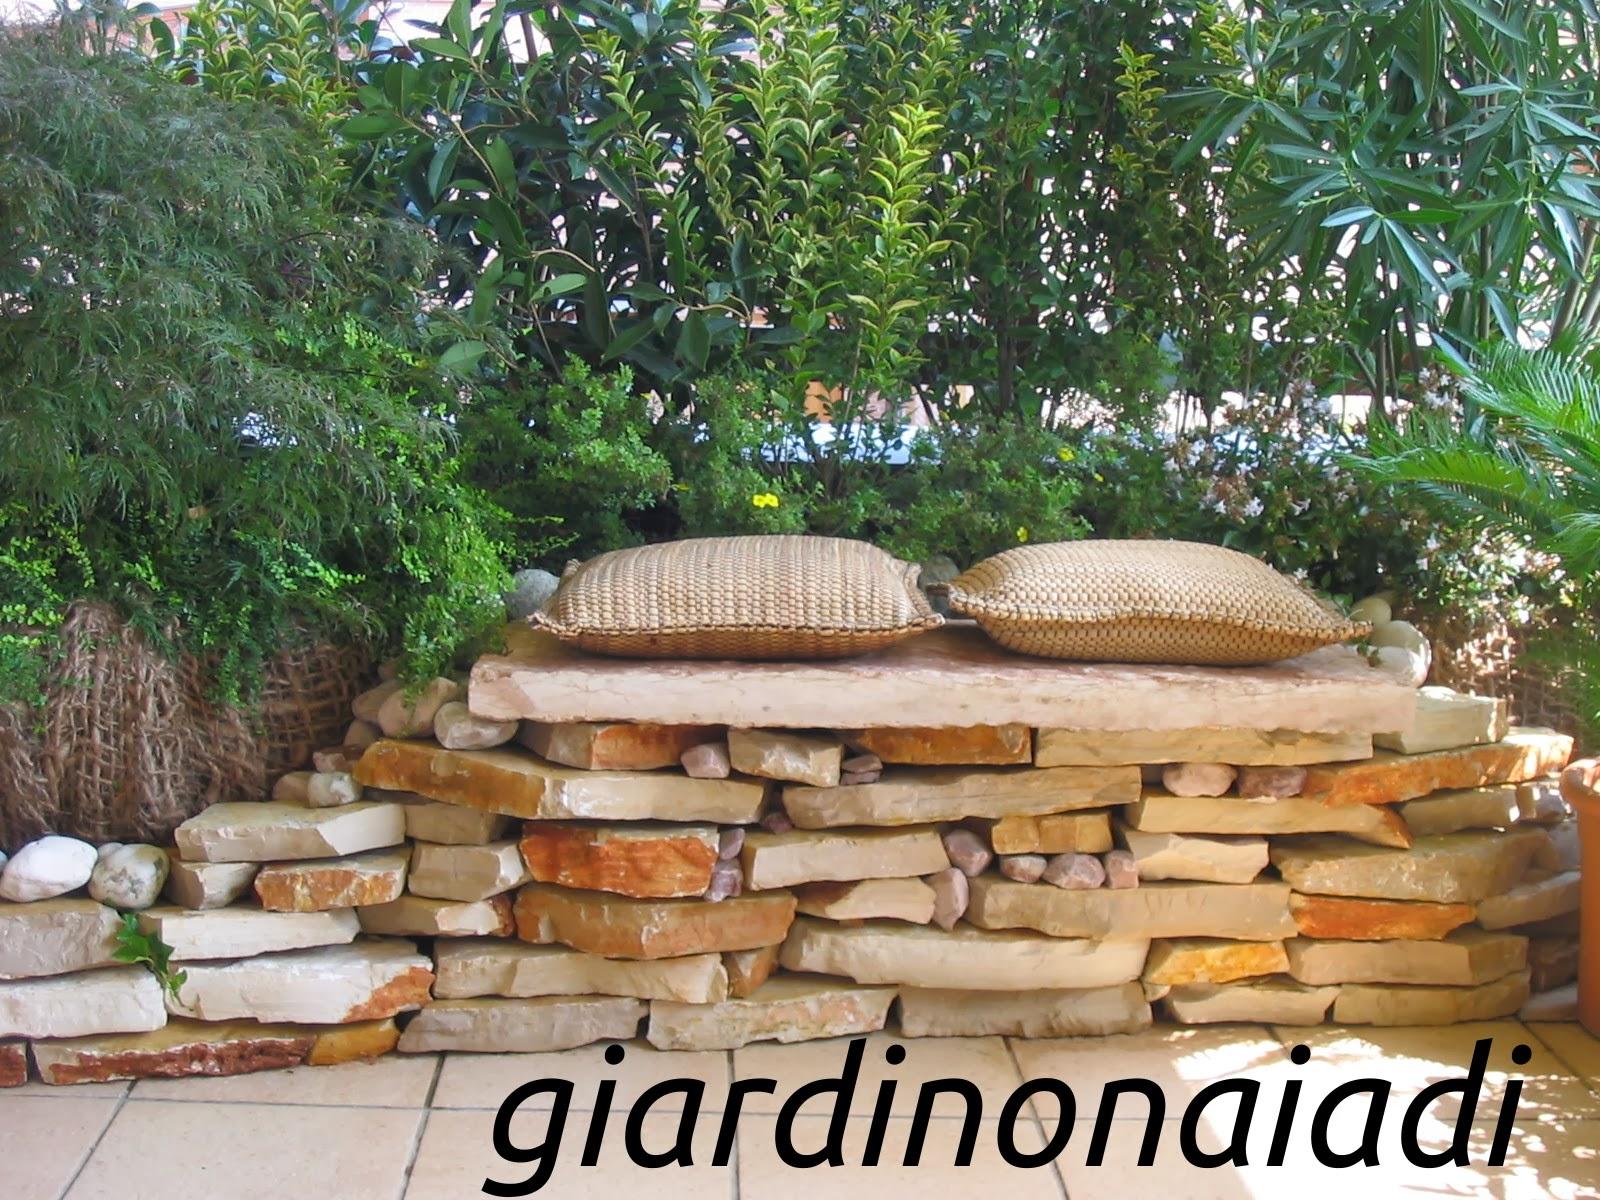 Il giardino delle naiadi il giardino segreto for Giardini decorati